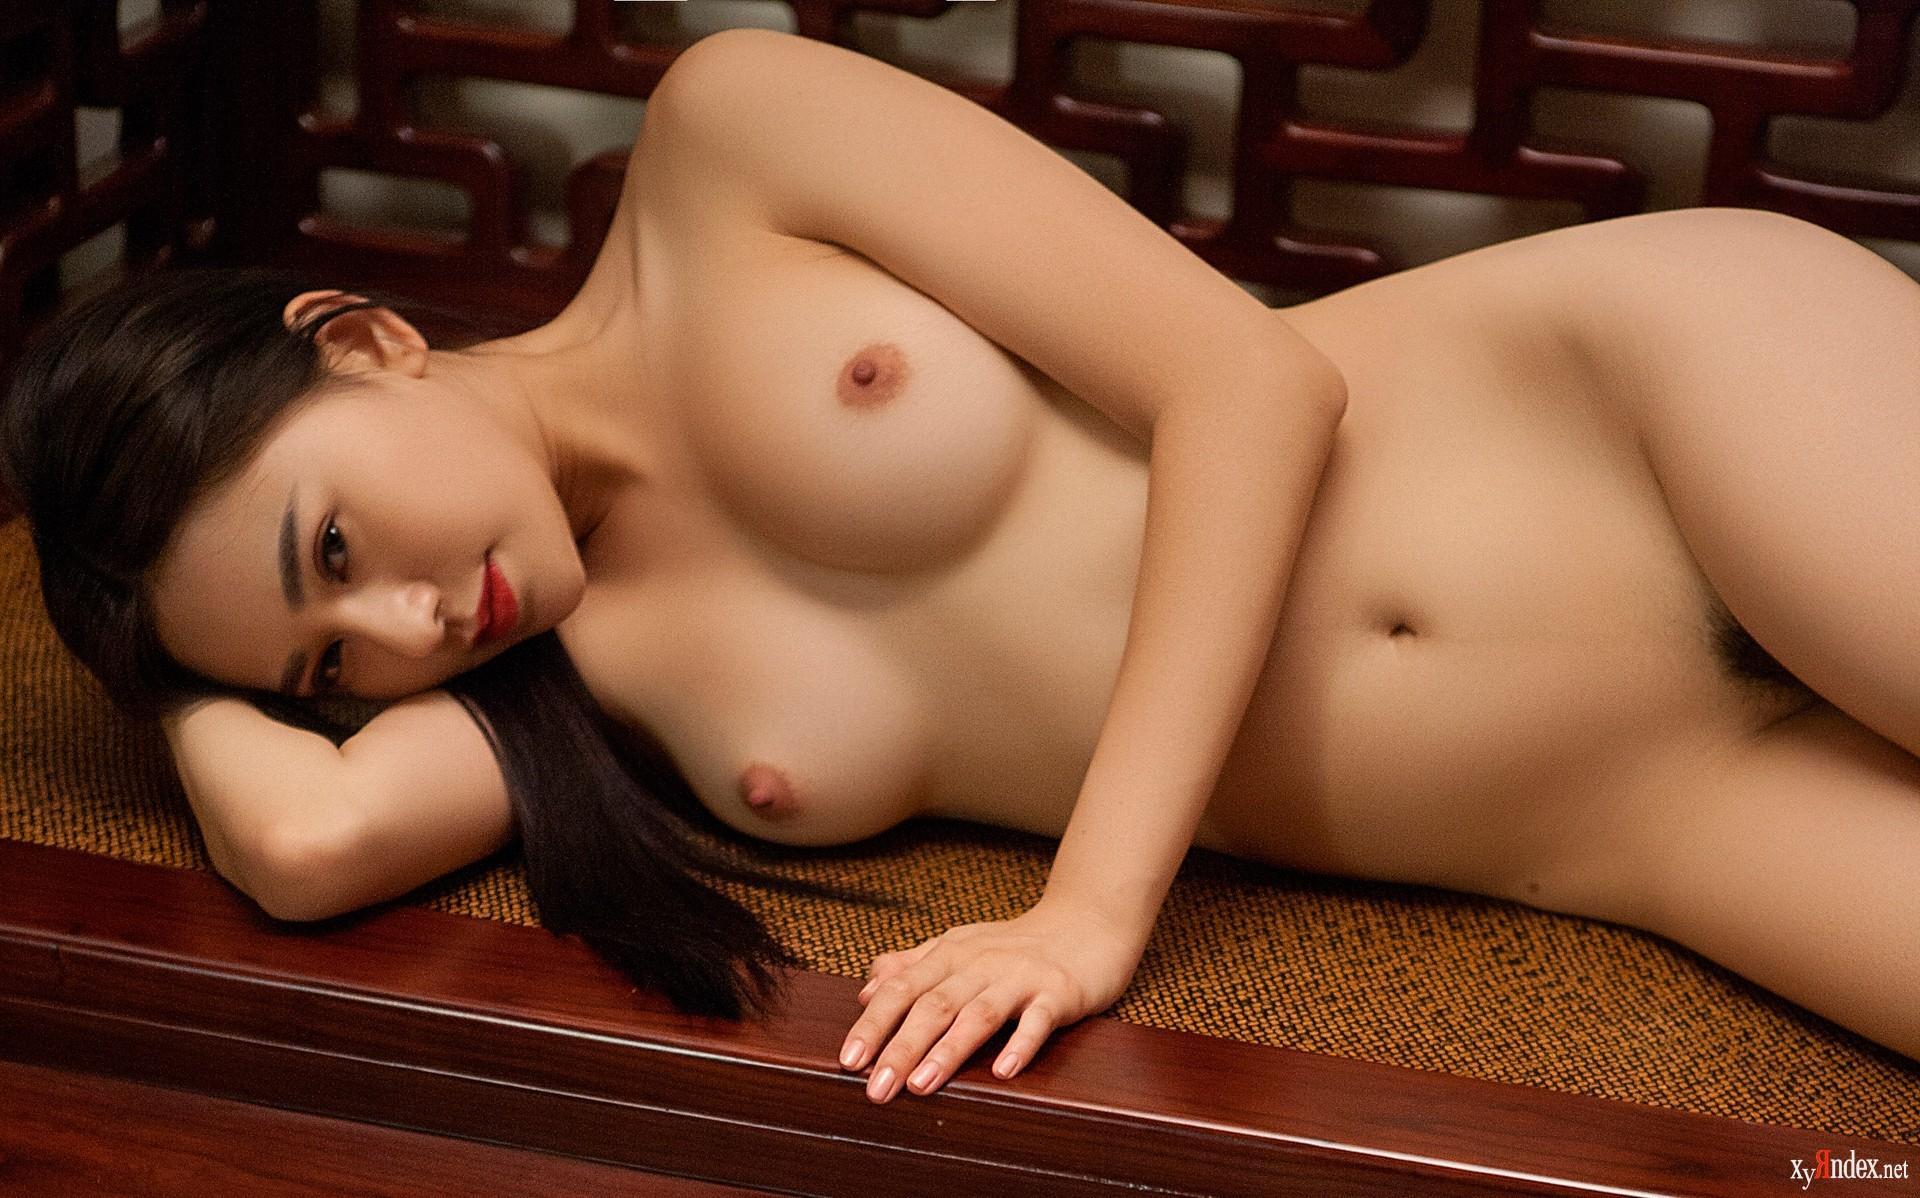 Красивое Качественное Фото Обнаженной Японки Эротика